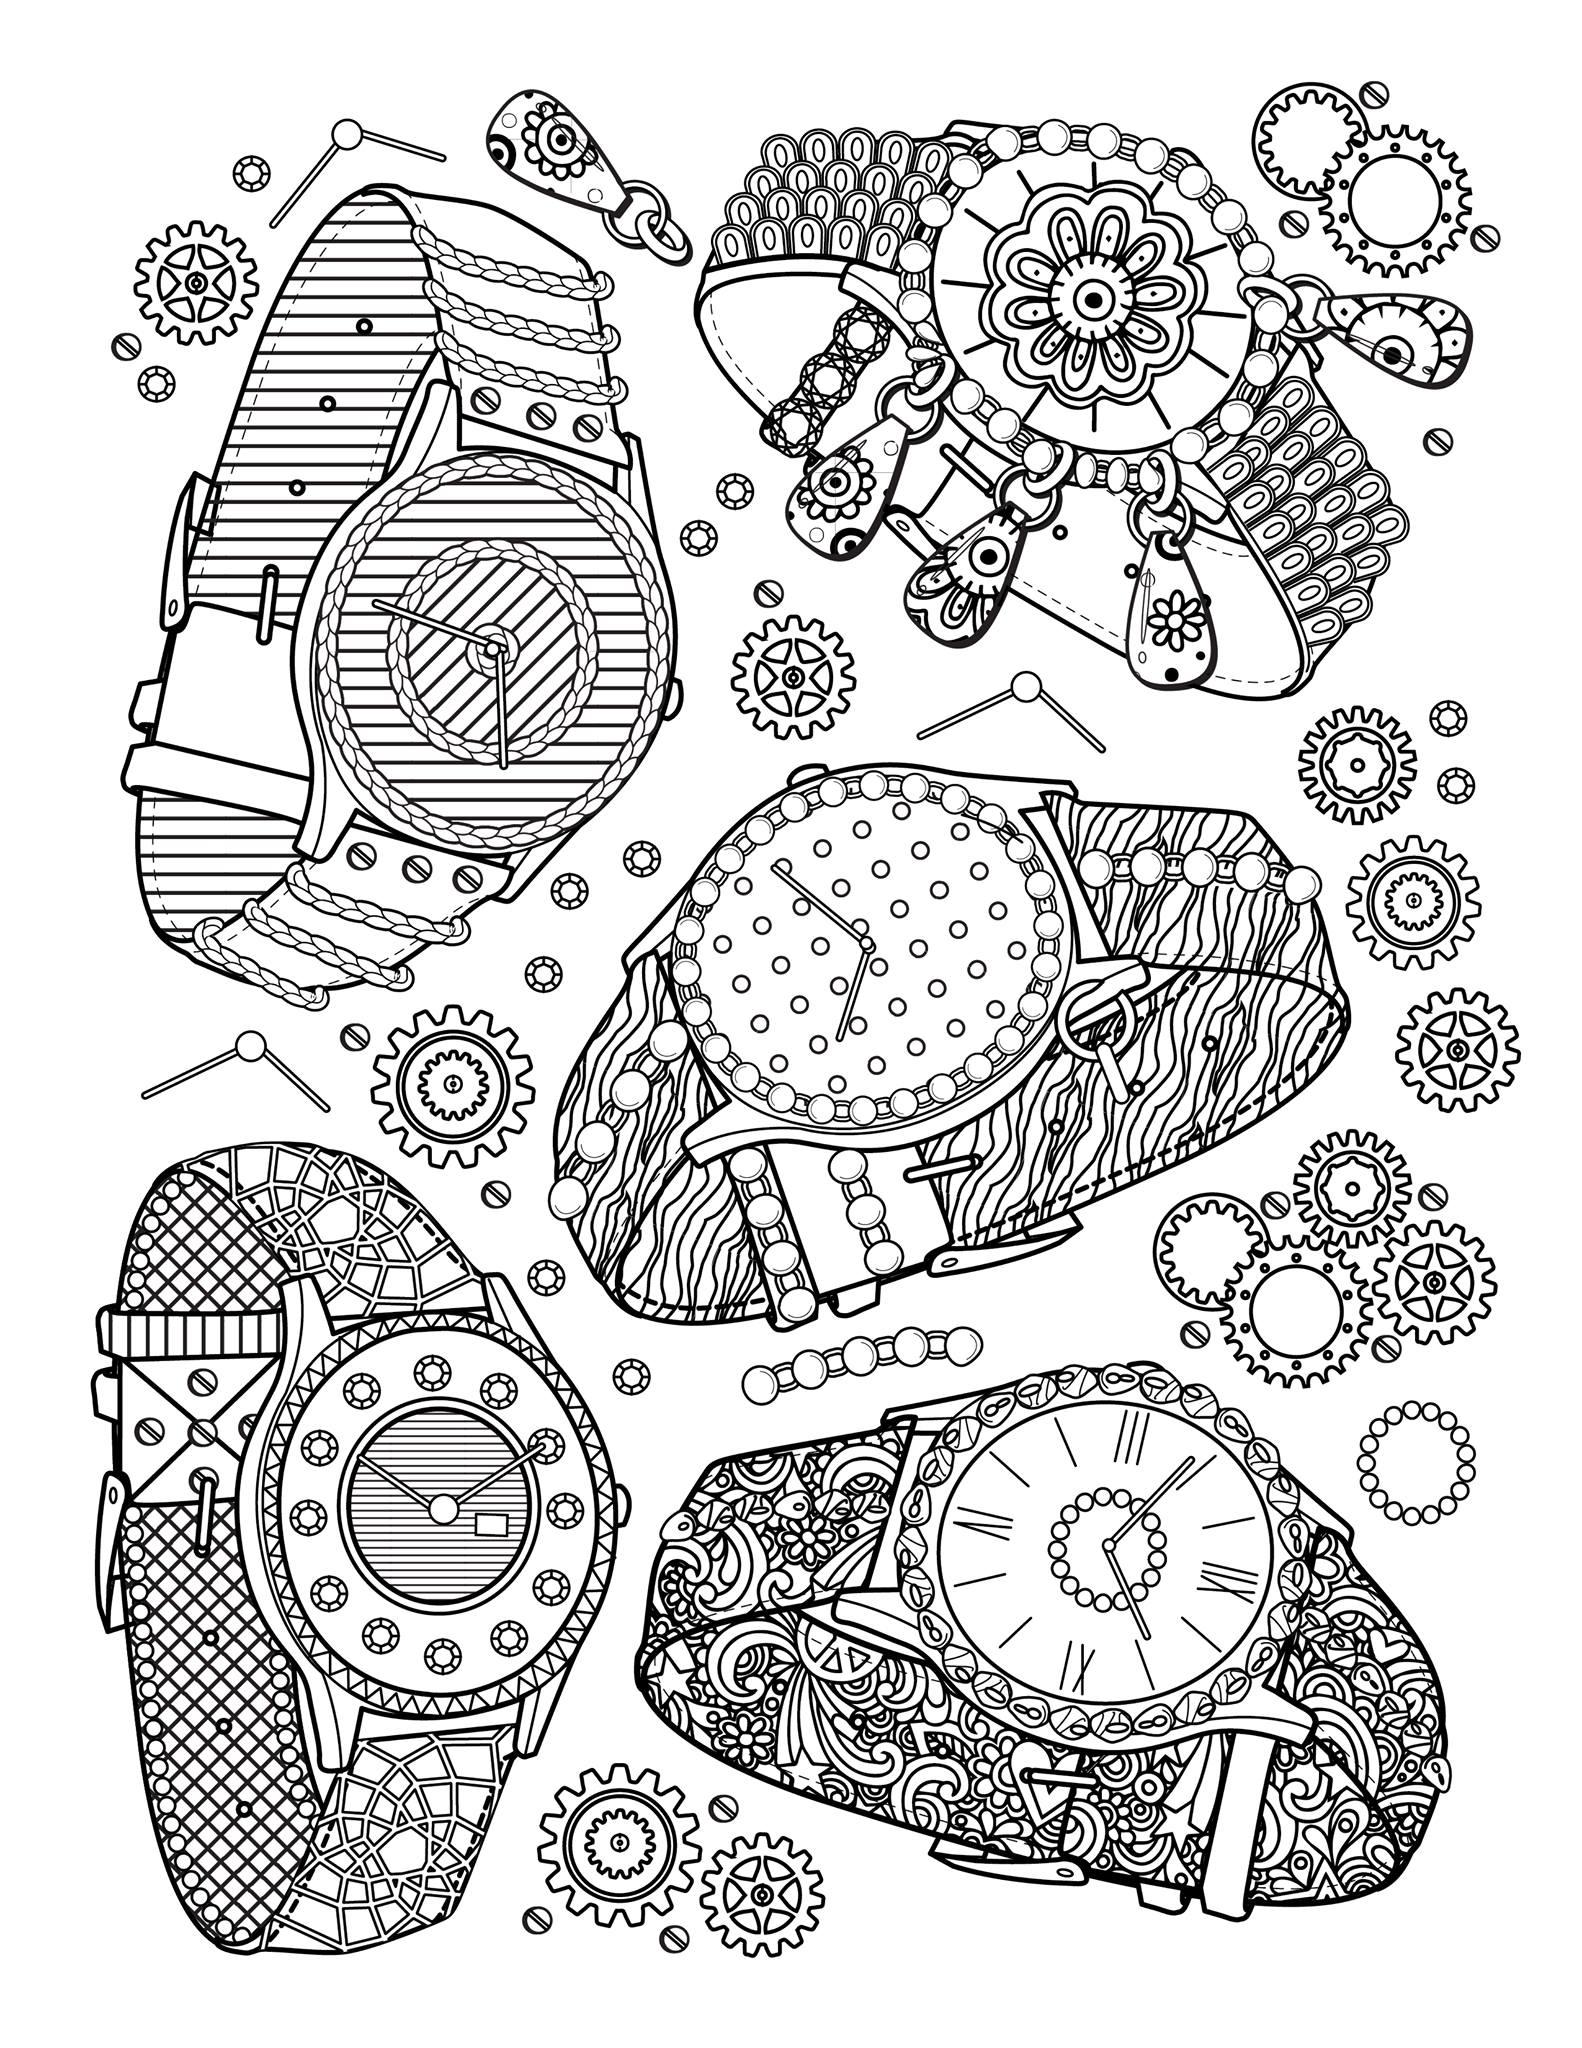 'Montres' : Une des pages du livre 'The Best Jewelry Adult coloring book', disponible ici